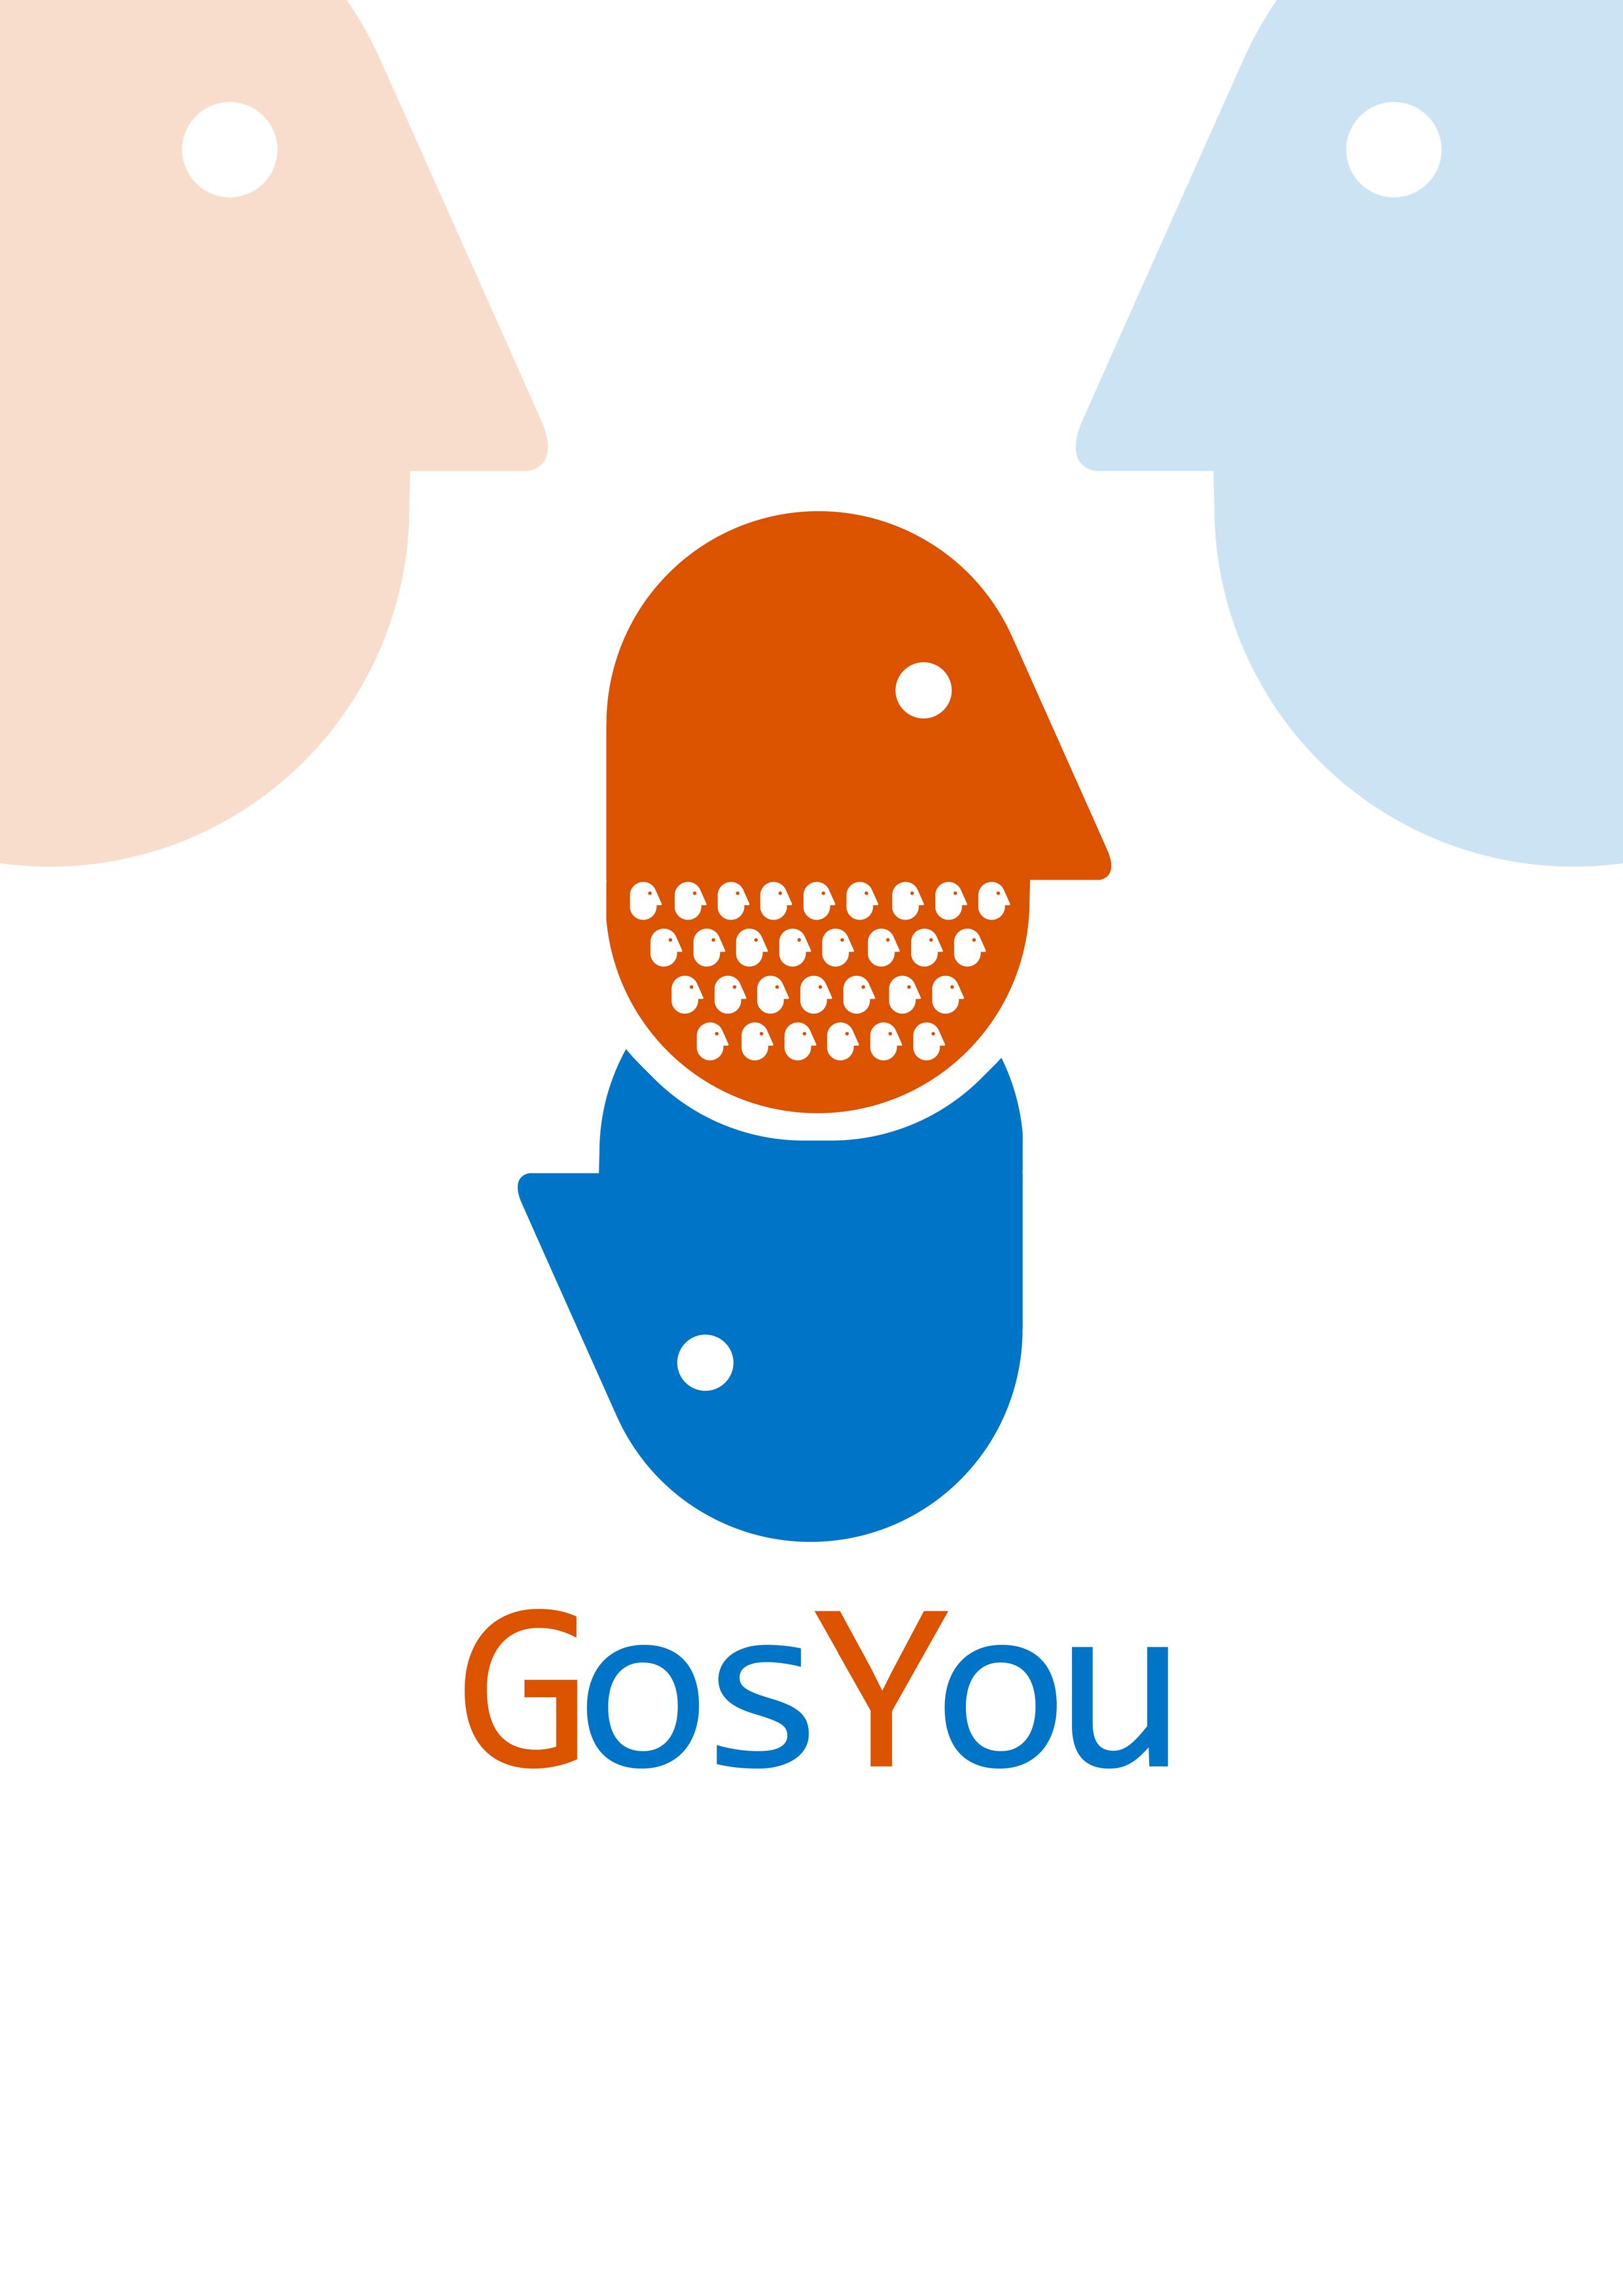 Логотип, фир. стиль и иконку для социальной сети GosYou фото f_507b88acdce16.jpg